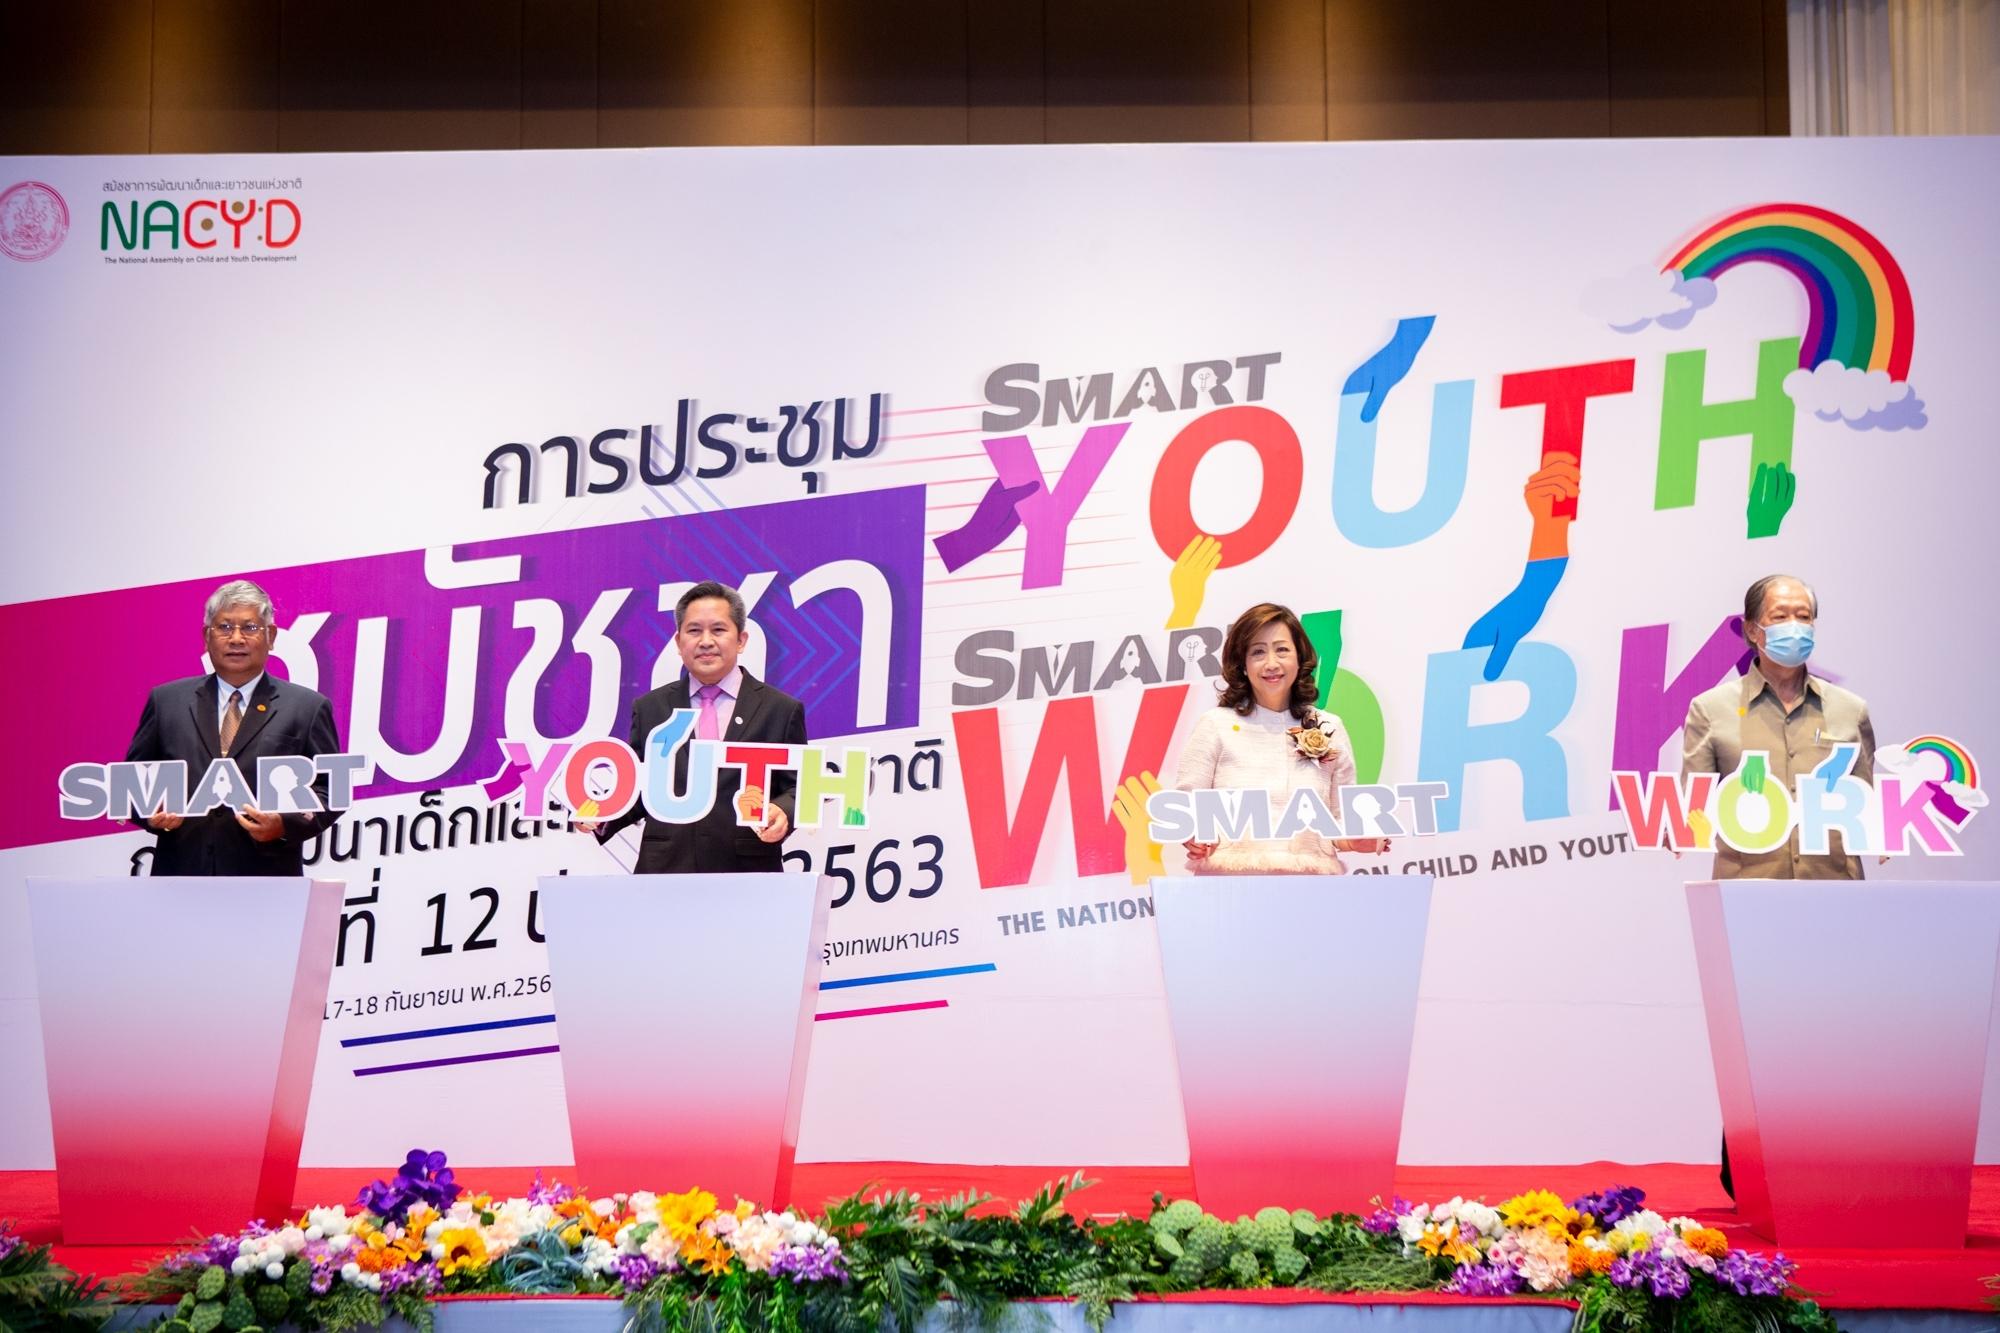 ดย.พม.จัดสมัชชาการพัฒนาเด็กและเยาวชนแห่งชาติ ครั้งที่ 12